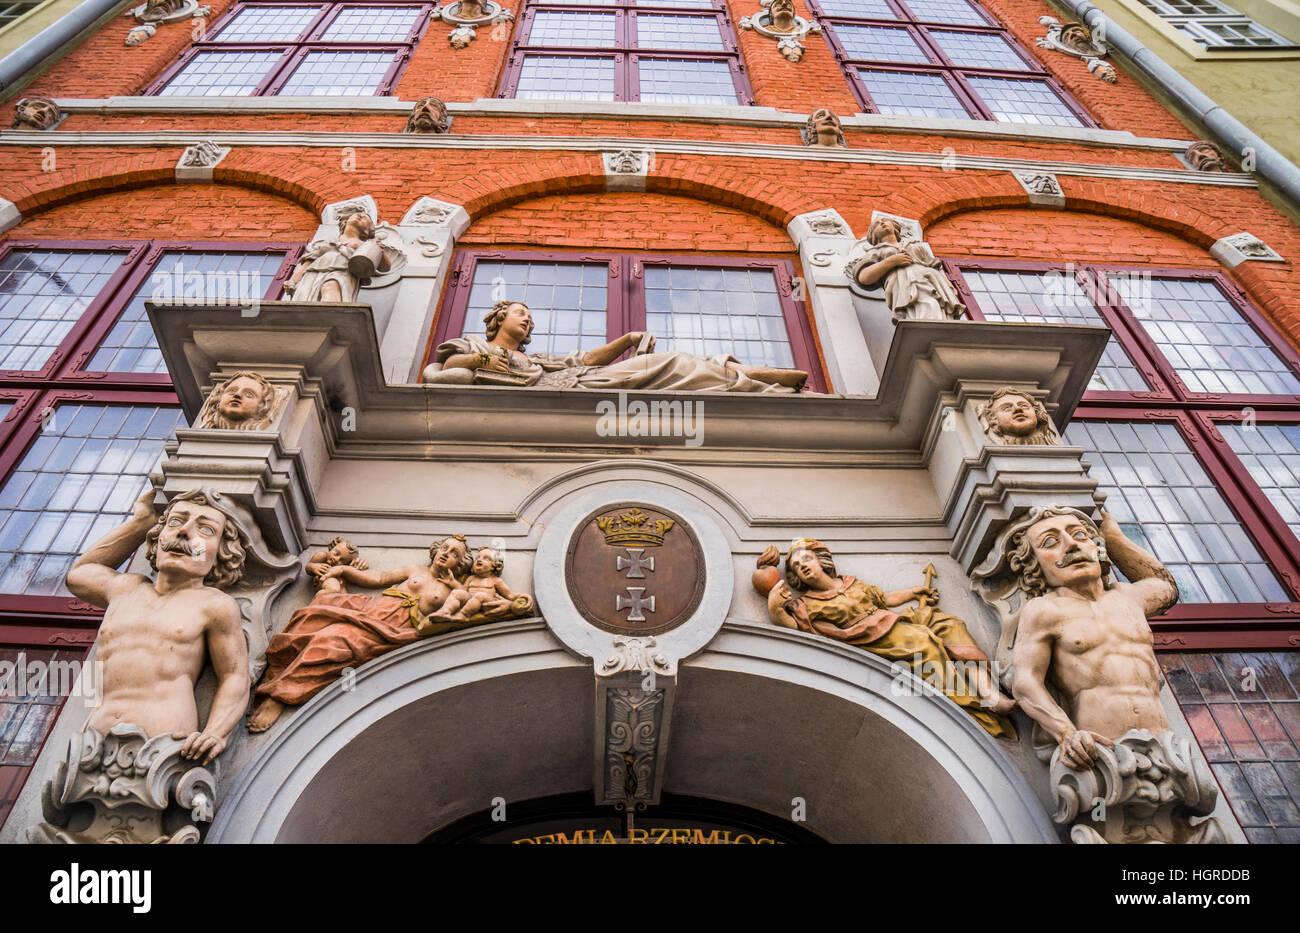 Polen, Pommern, Gdansk (Danzig), blumig dekorierte Fassade des patrizischen Hauses (Jopengasse 1/2), Ulica Piwna Stockbild